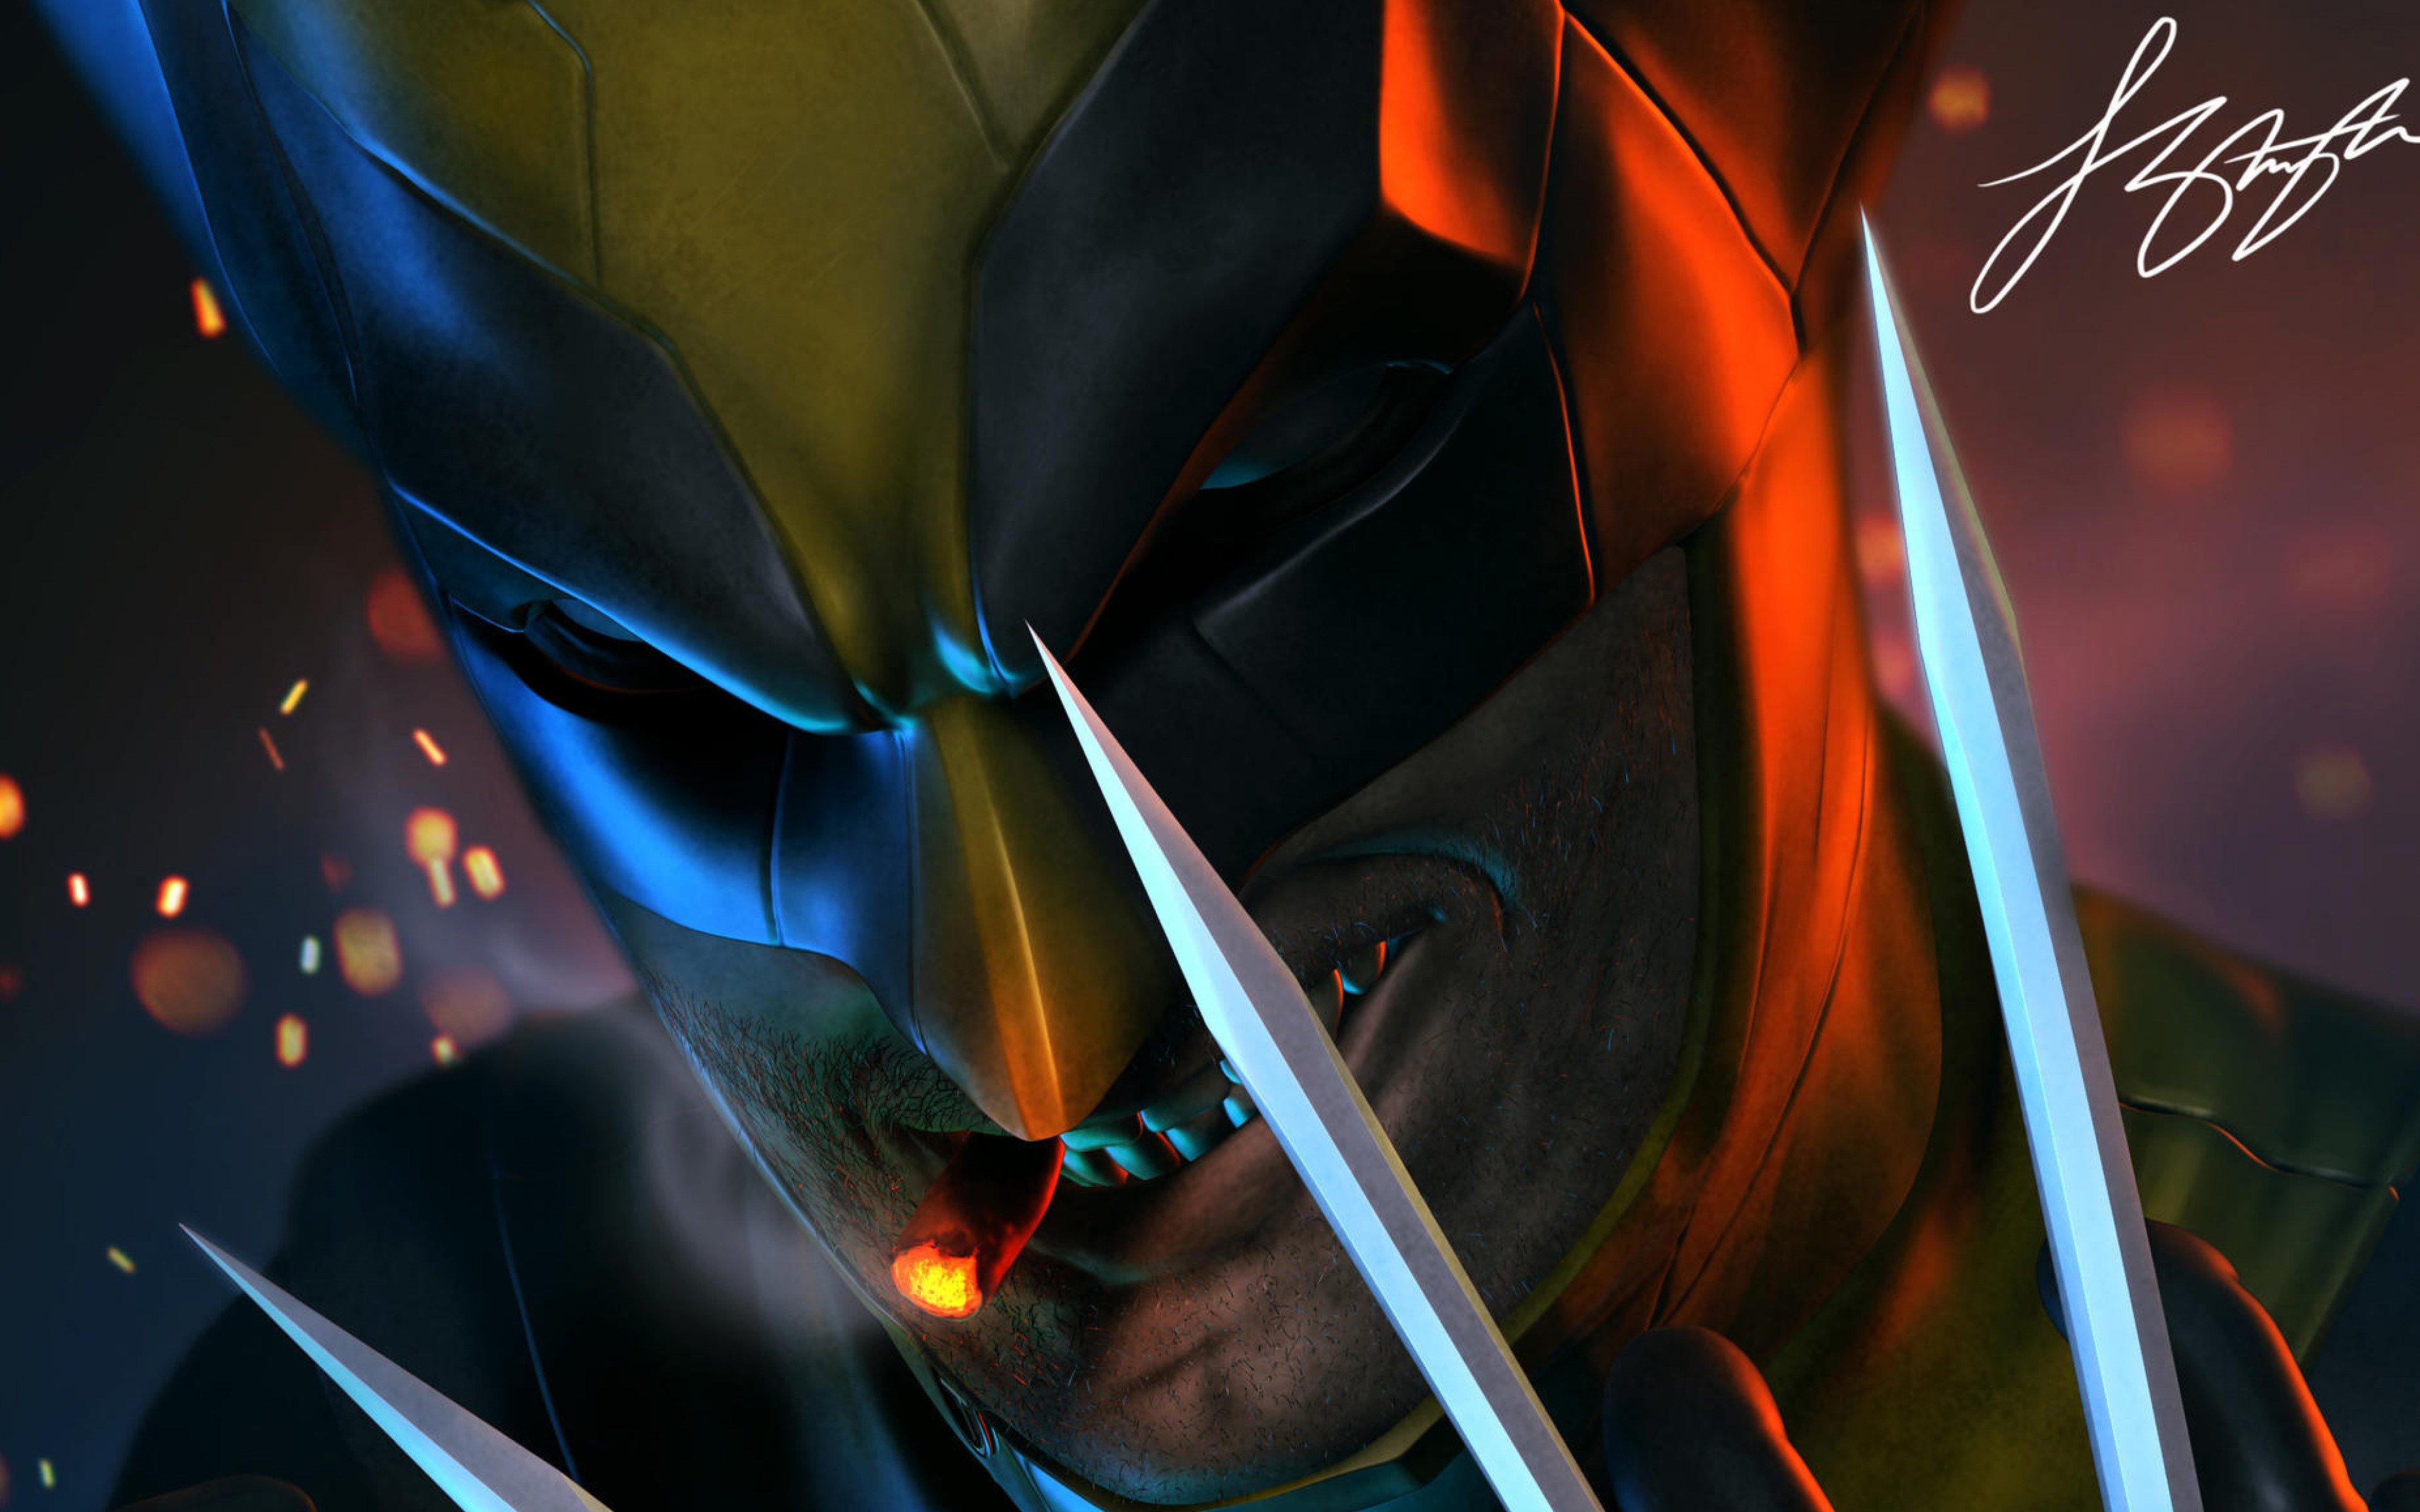 Fondos de pantalla Wolverine Arte Digital